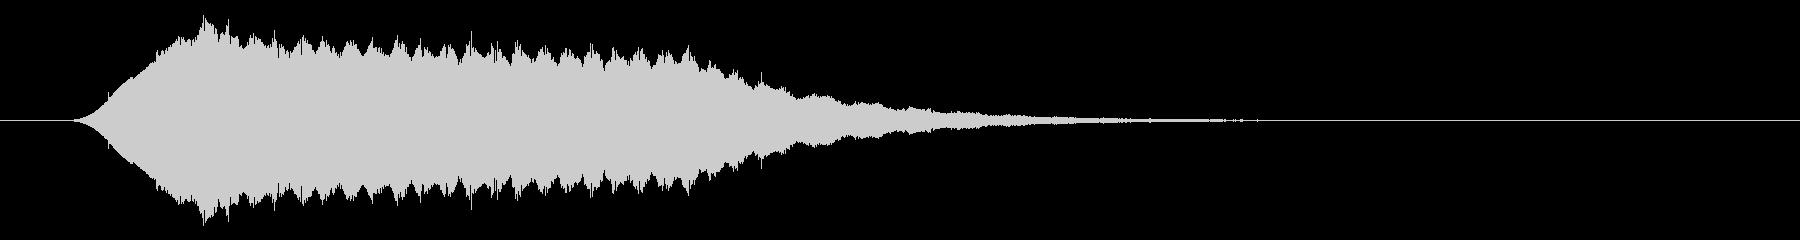 流れ星/キラキラ/落下の未再生の波形